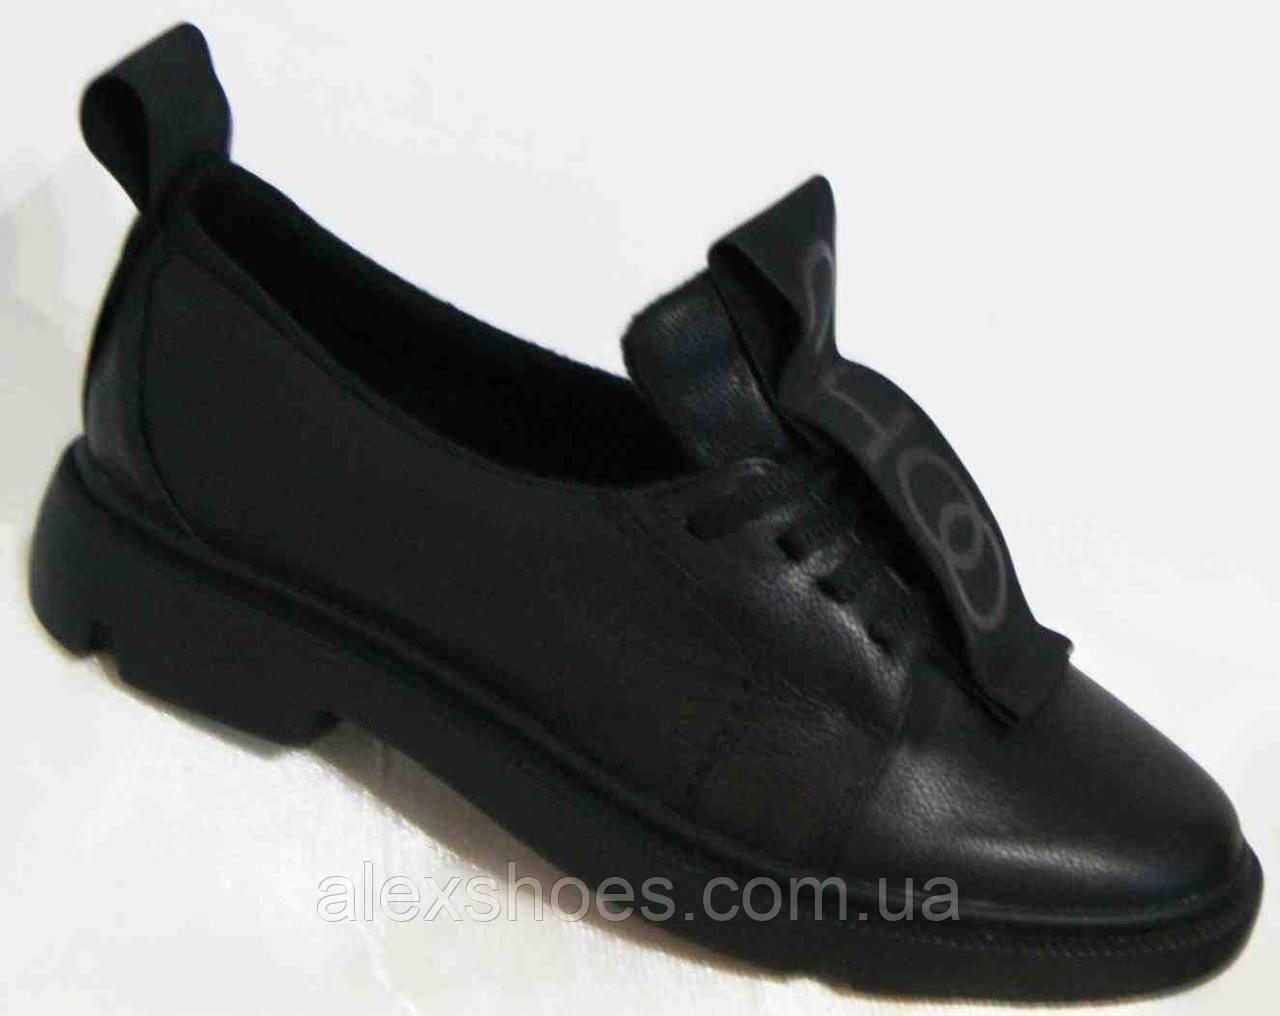 Туфли женские большого размера из натуральной кожи от производителя модель В3544-36